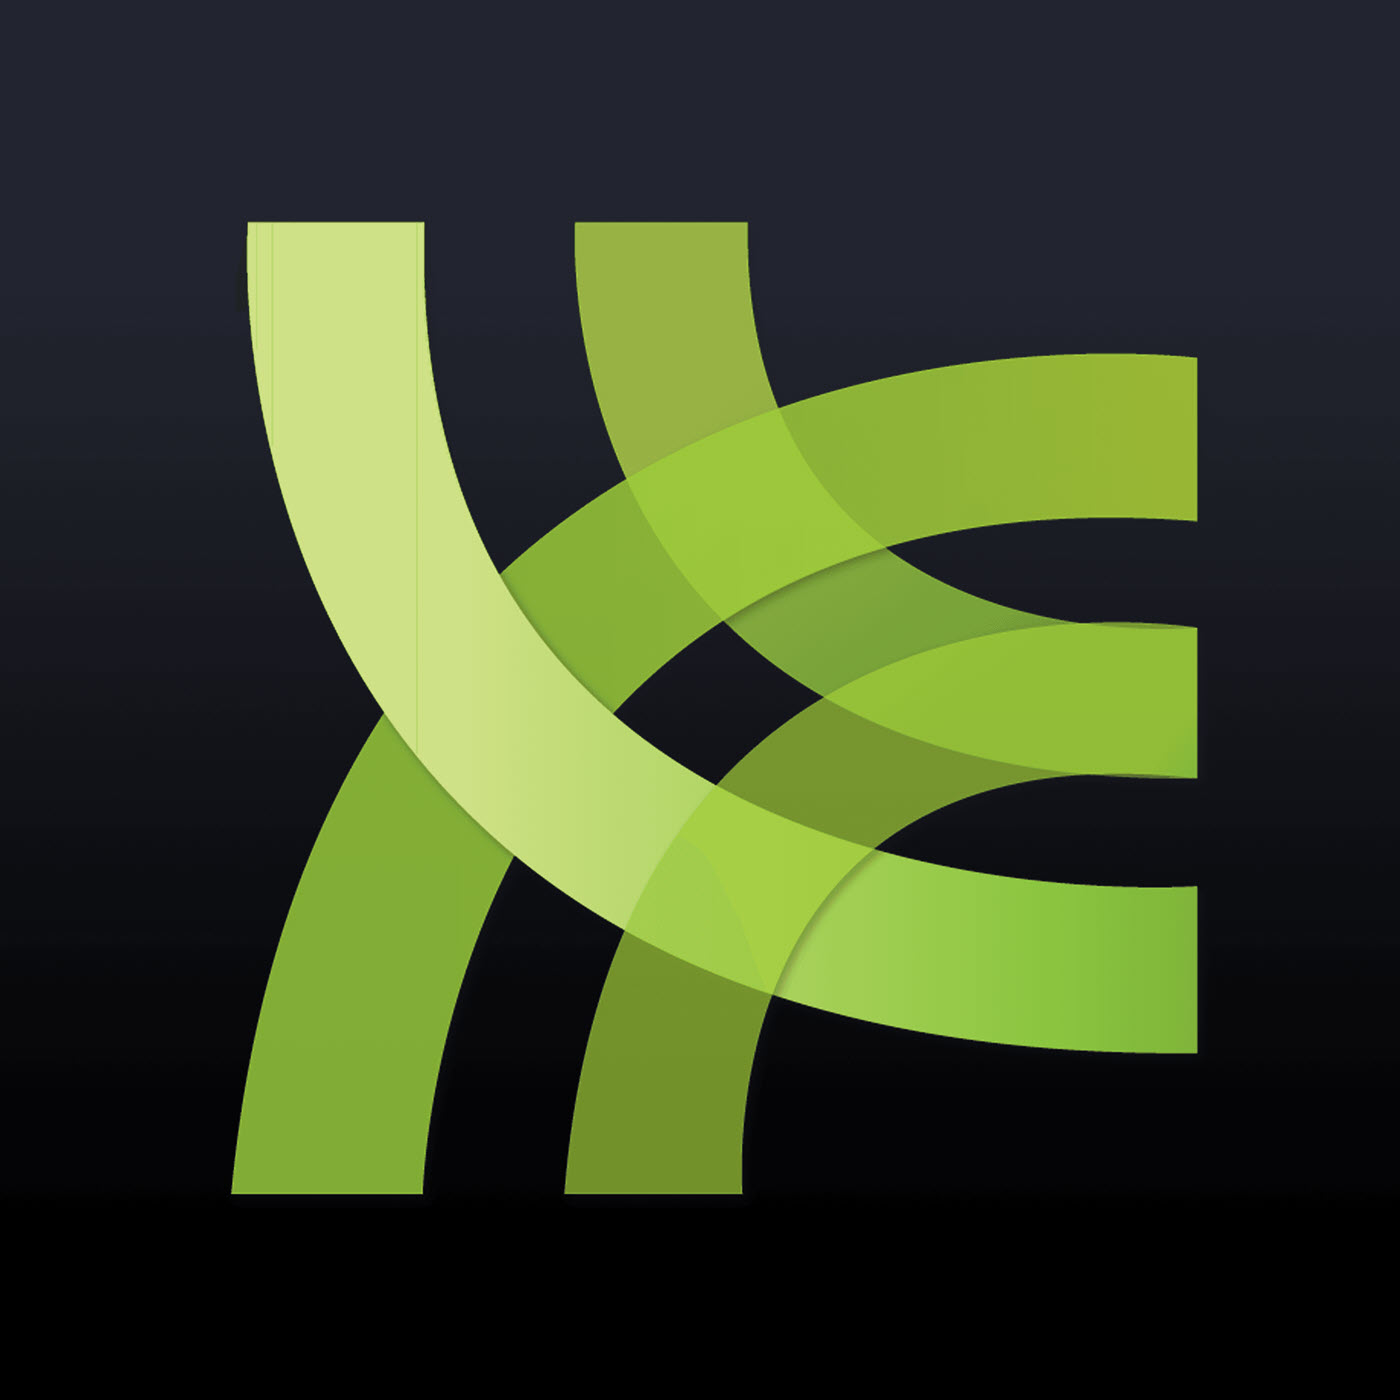 Educating-geeks-Team-Green-Lantern-plus-Gina